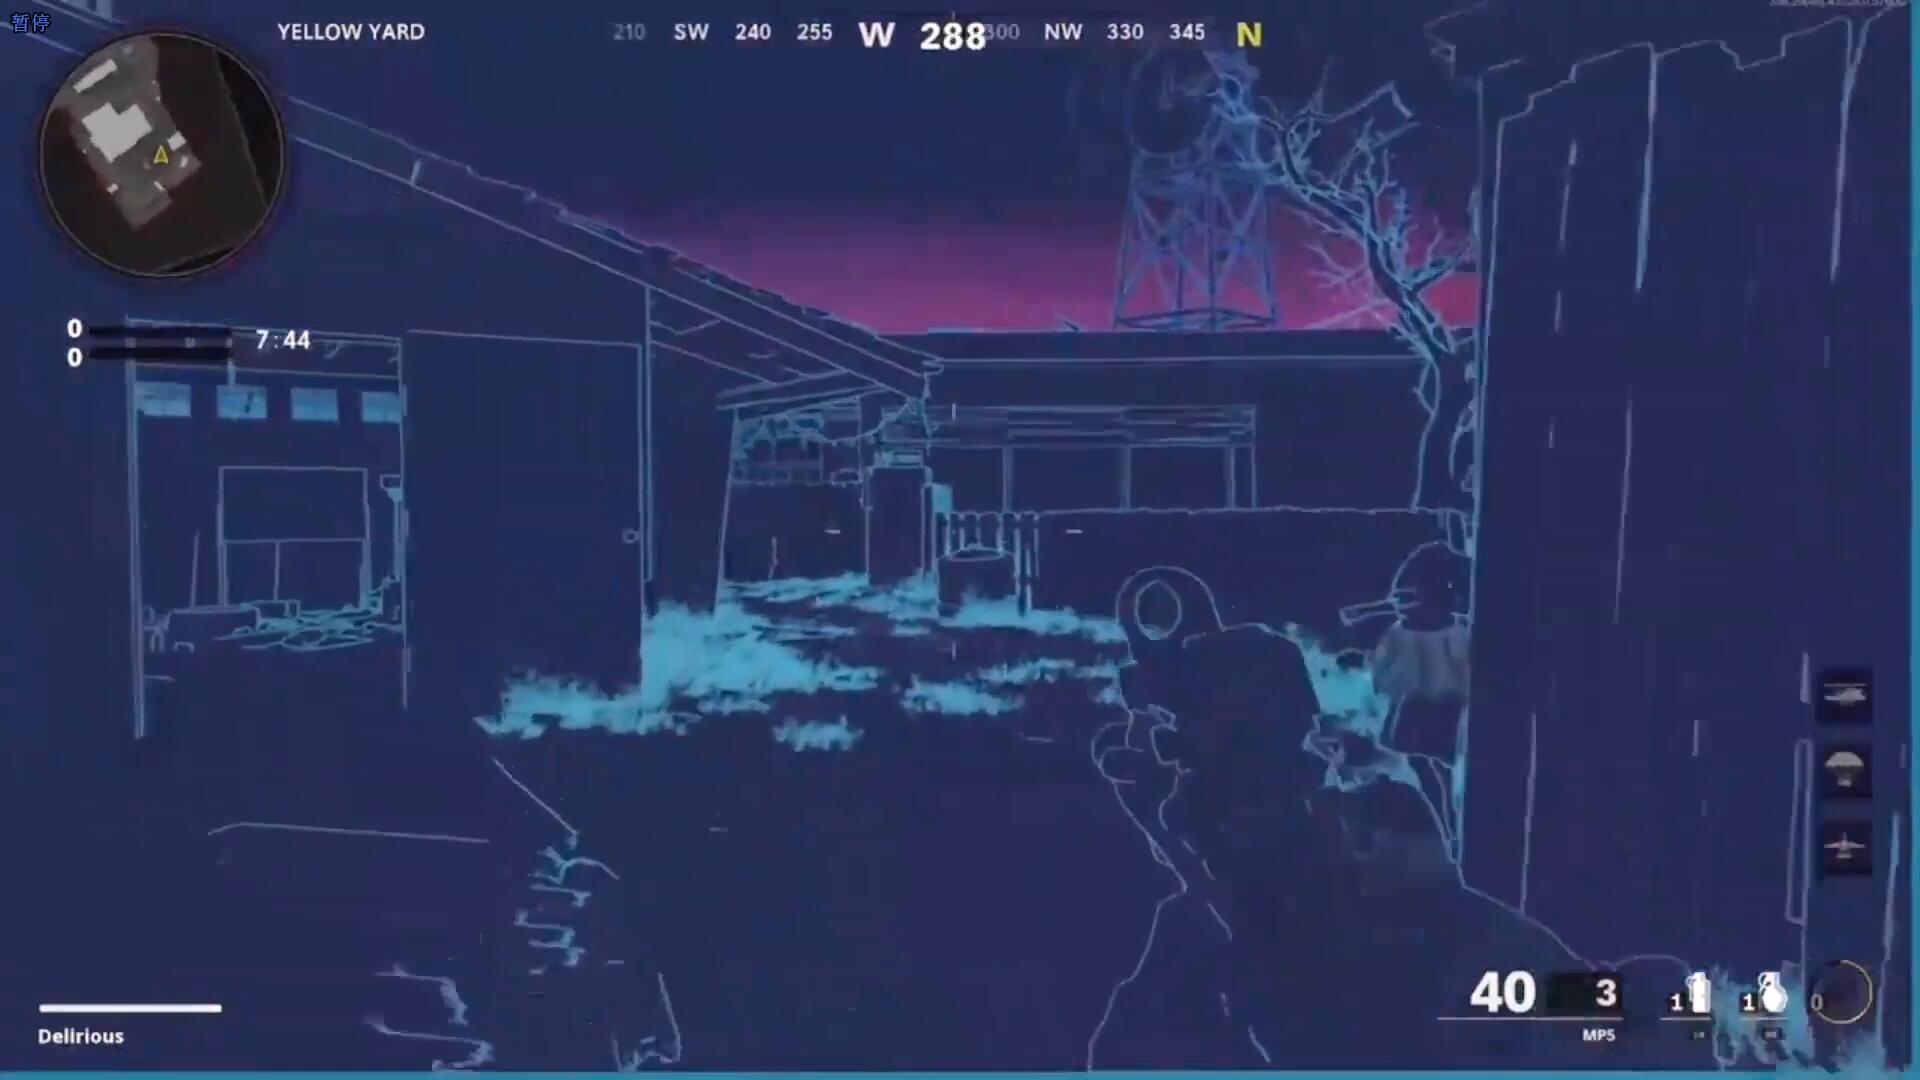 《使命召唤:黑色行动》系列在核弹镇地图中埋彩蛋成常规操作